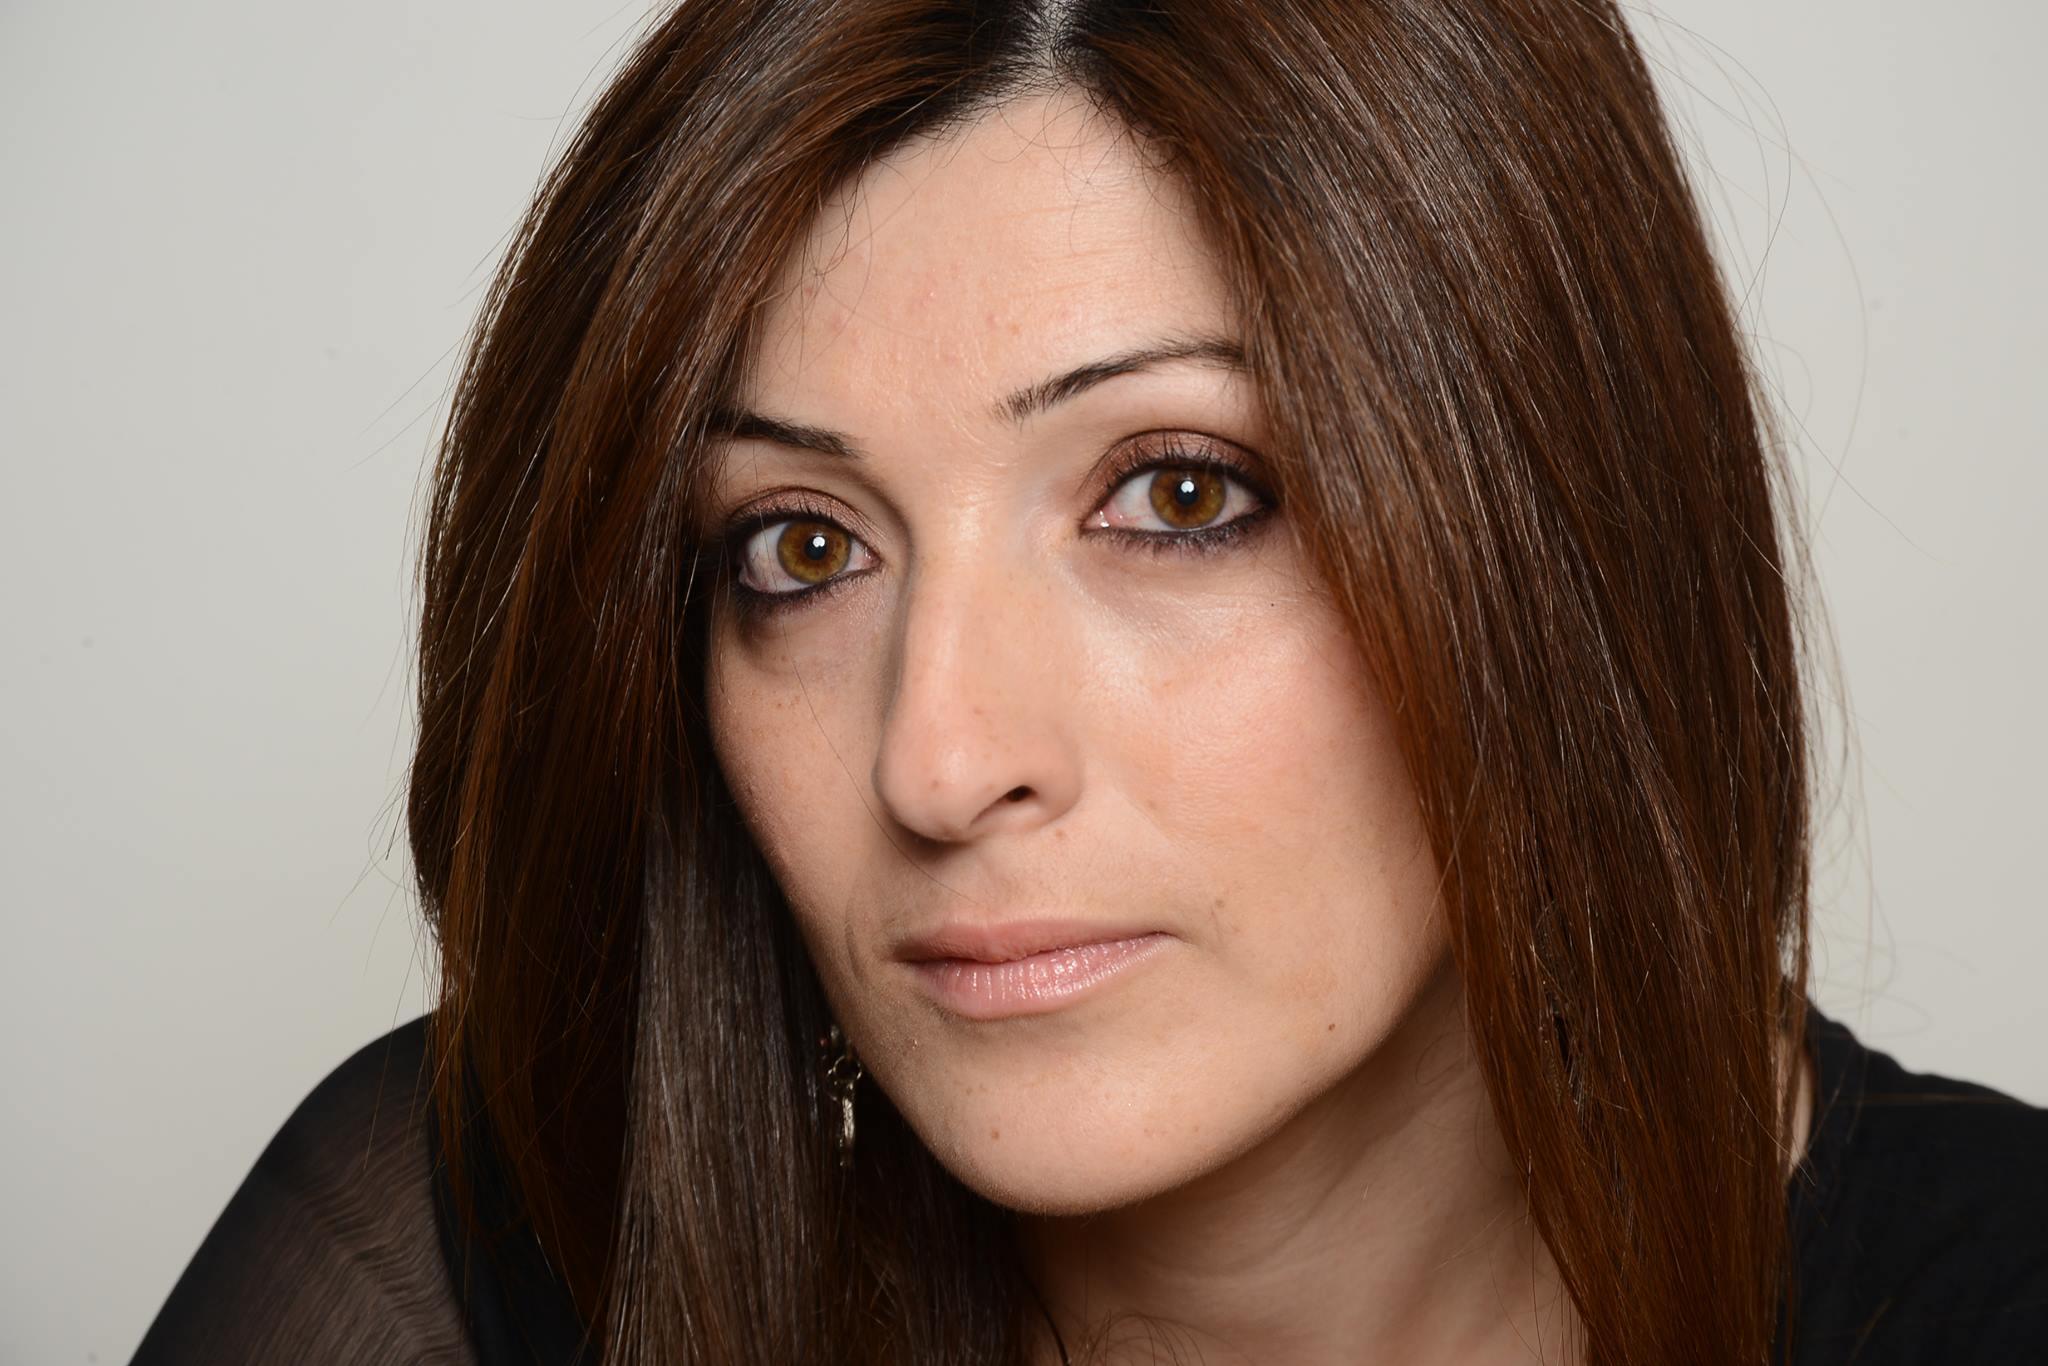 الكاتب والمُحَرَّم – مع مايا أبو الحيات